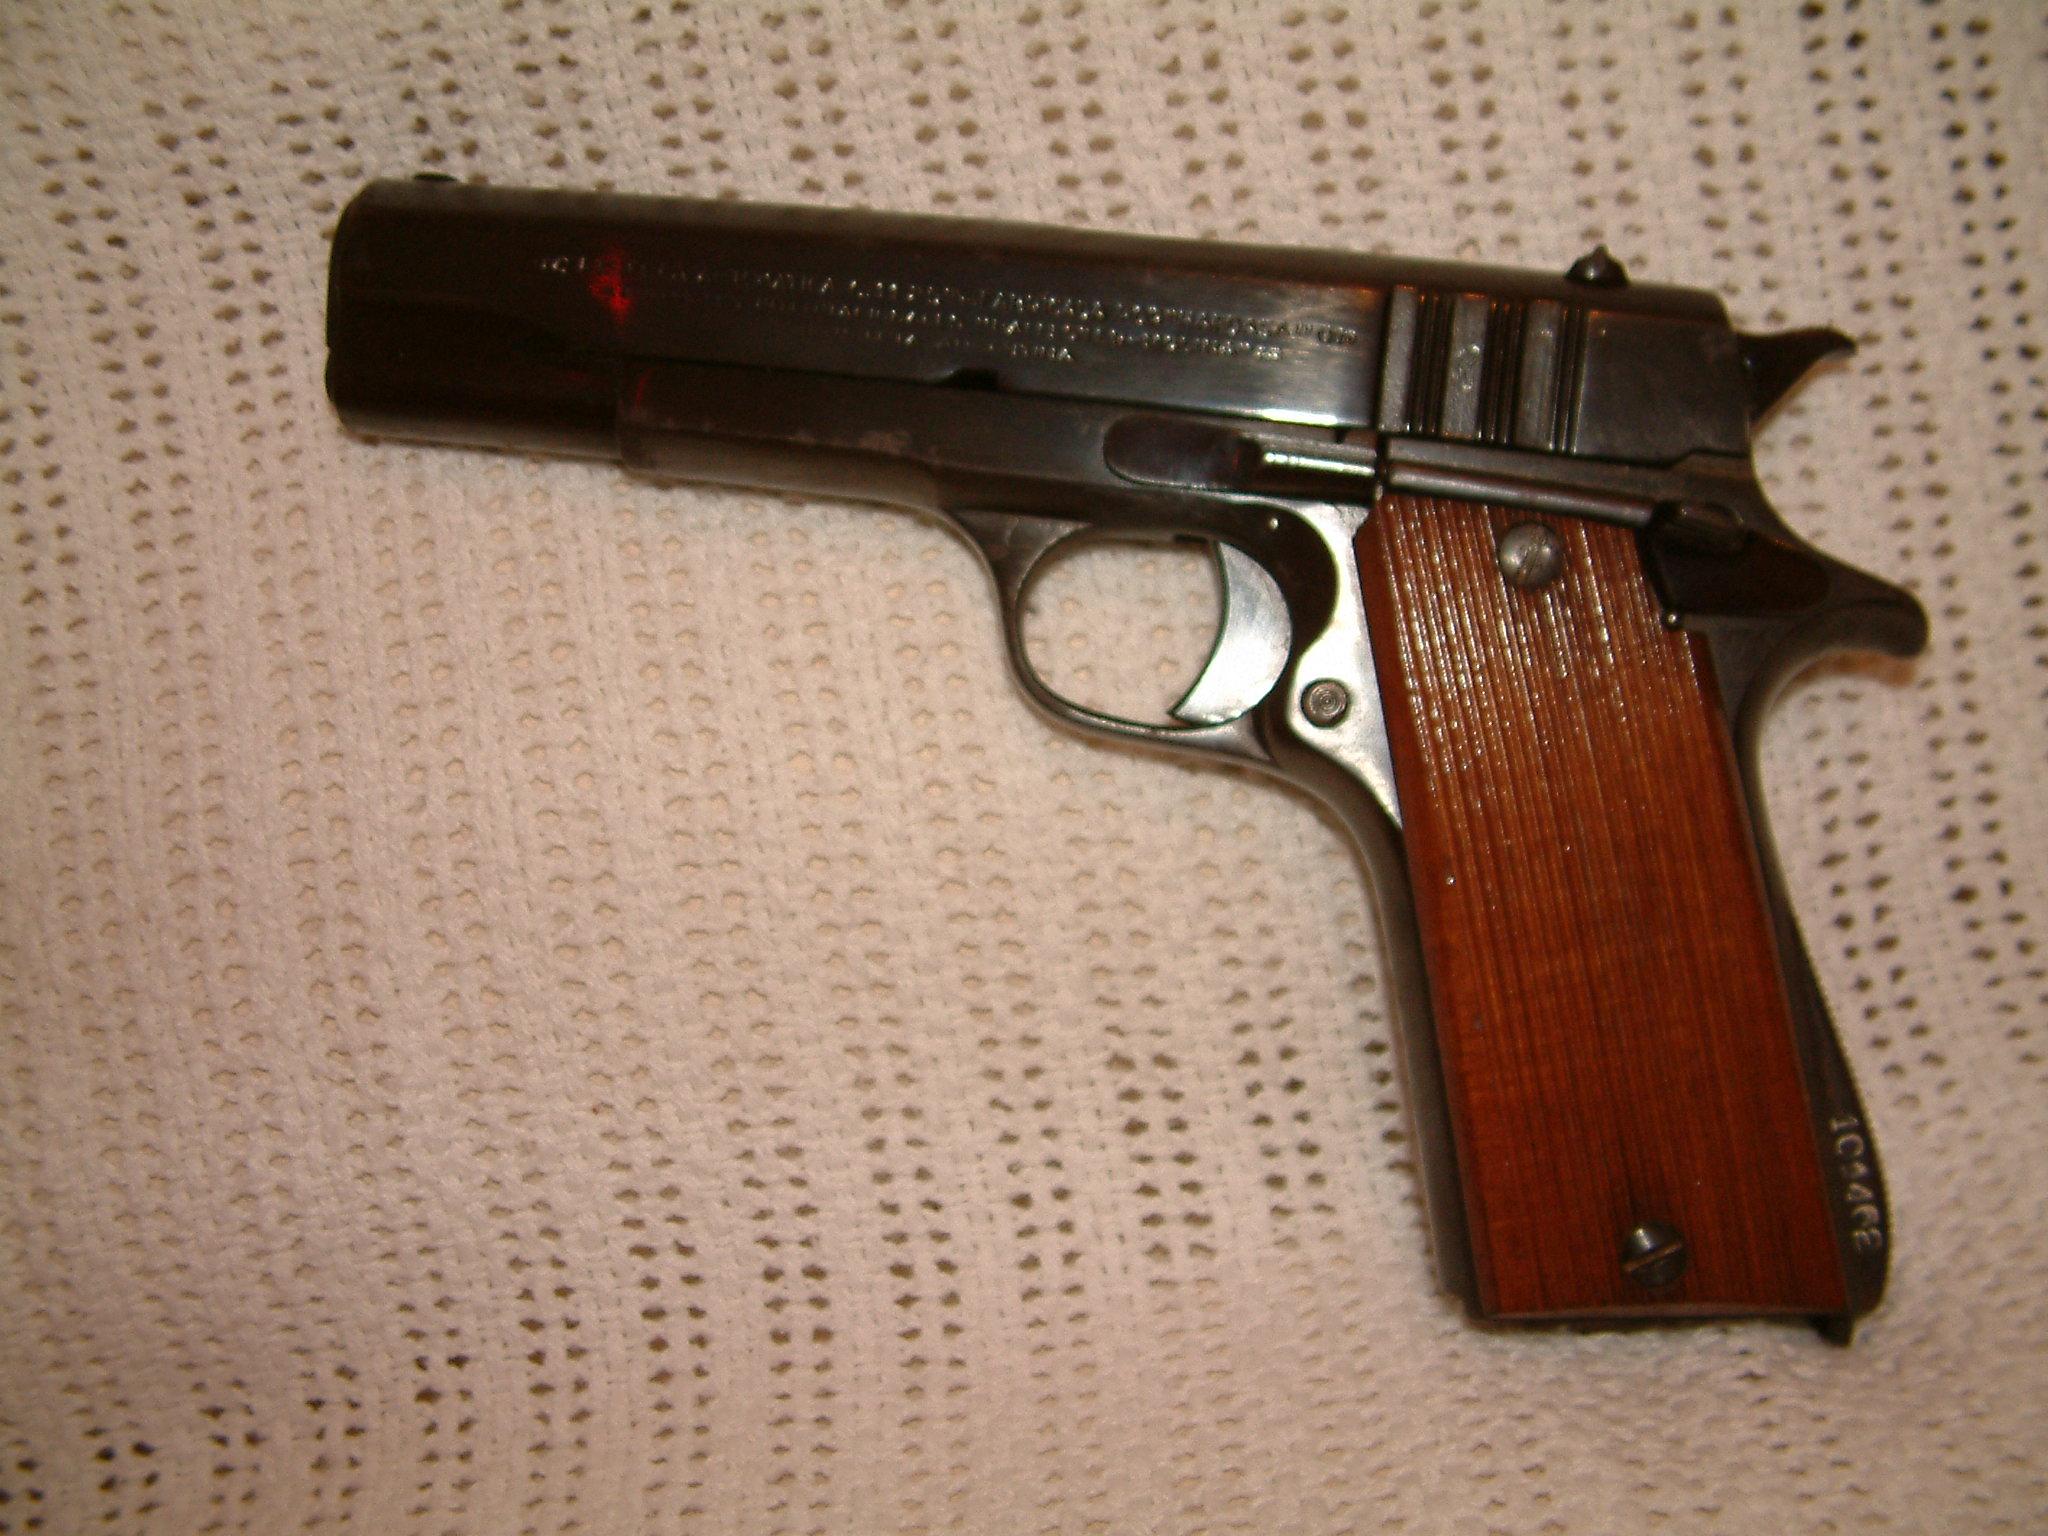 ... marca Ballester Molina calibre 45 Acp se entrega con dos cargadores